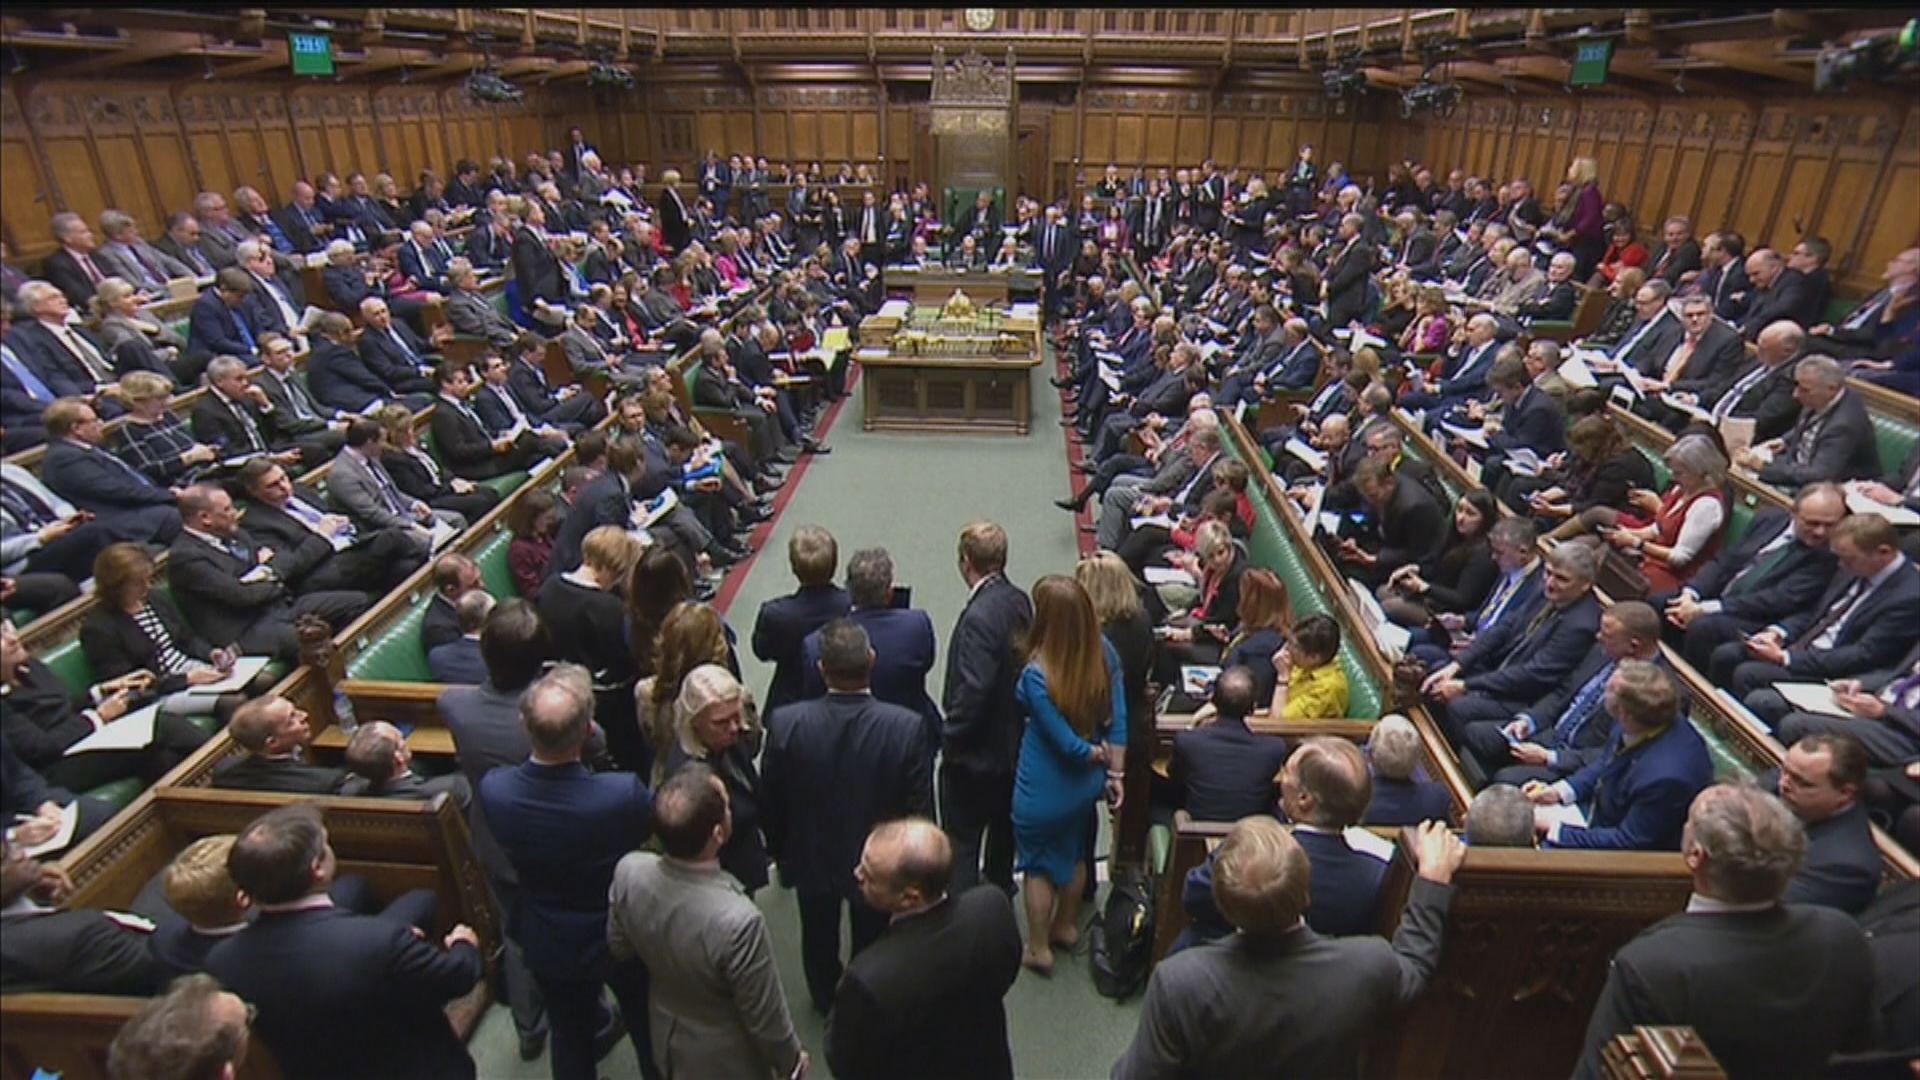 英國脫歐協議草案要在國會過關仍非常困難